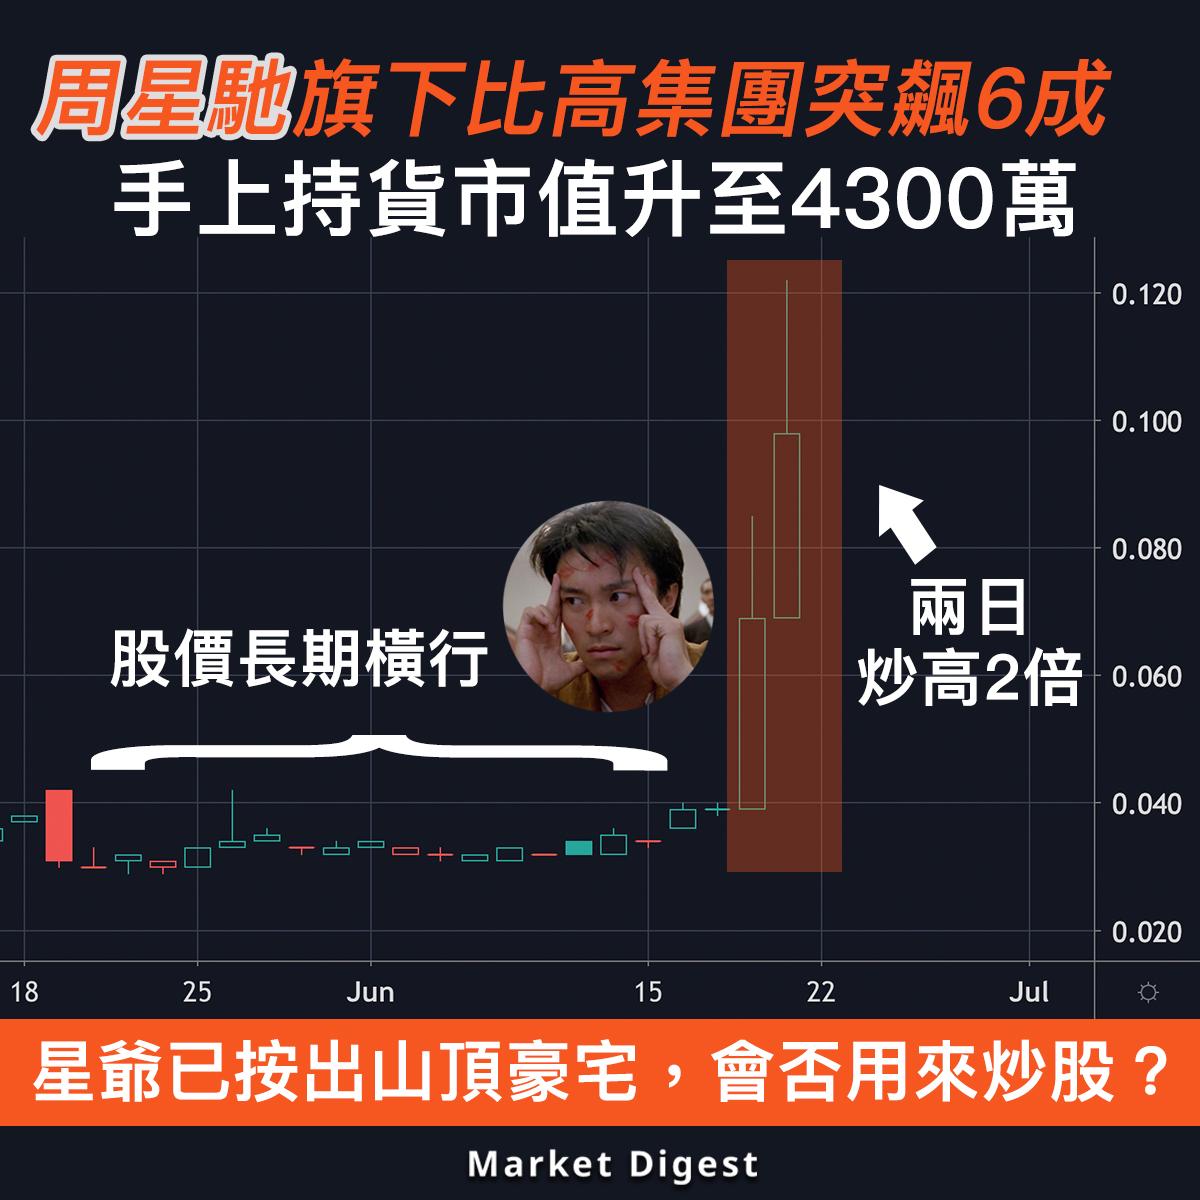 【市場熱話】周星馳旗下比高集團突飆6成,手上持貨市值升至4300萬